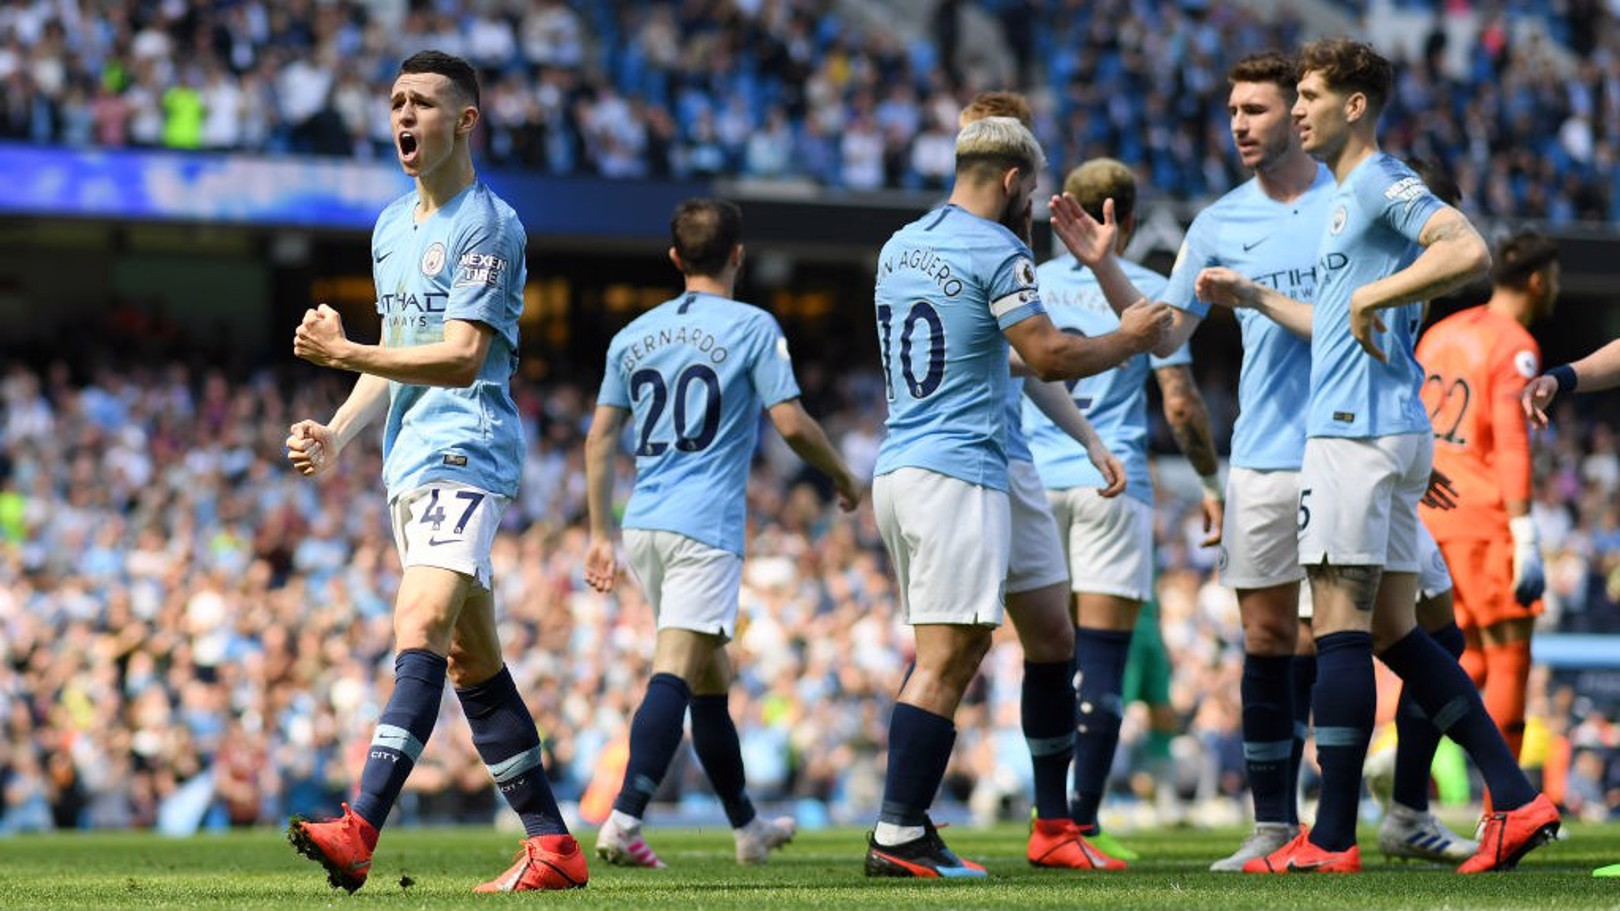 RESTART: City's 2019/20 Premier League campaign begins at West Ham United.